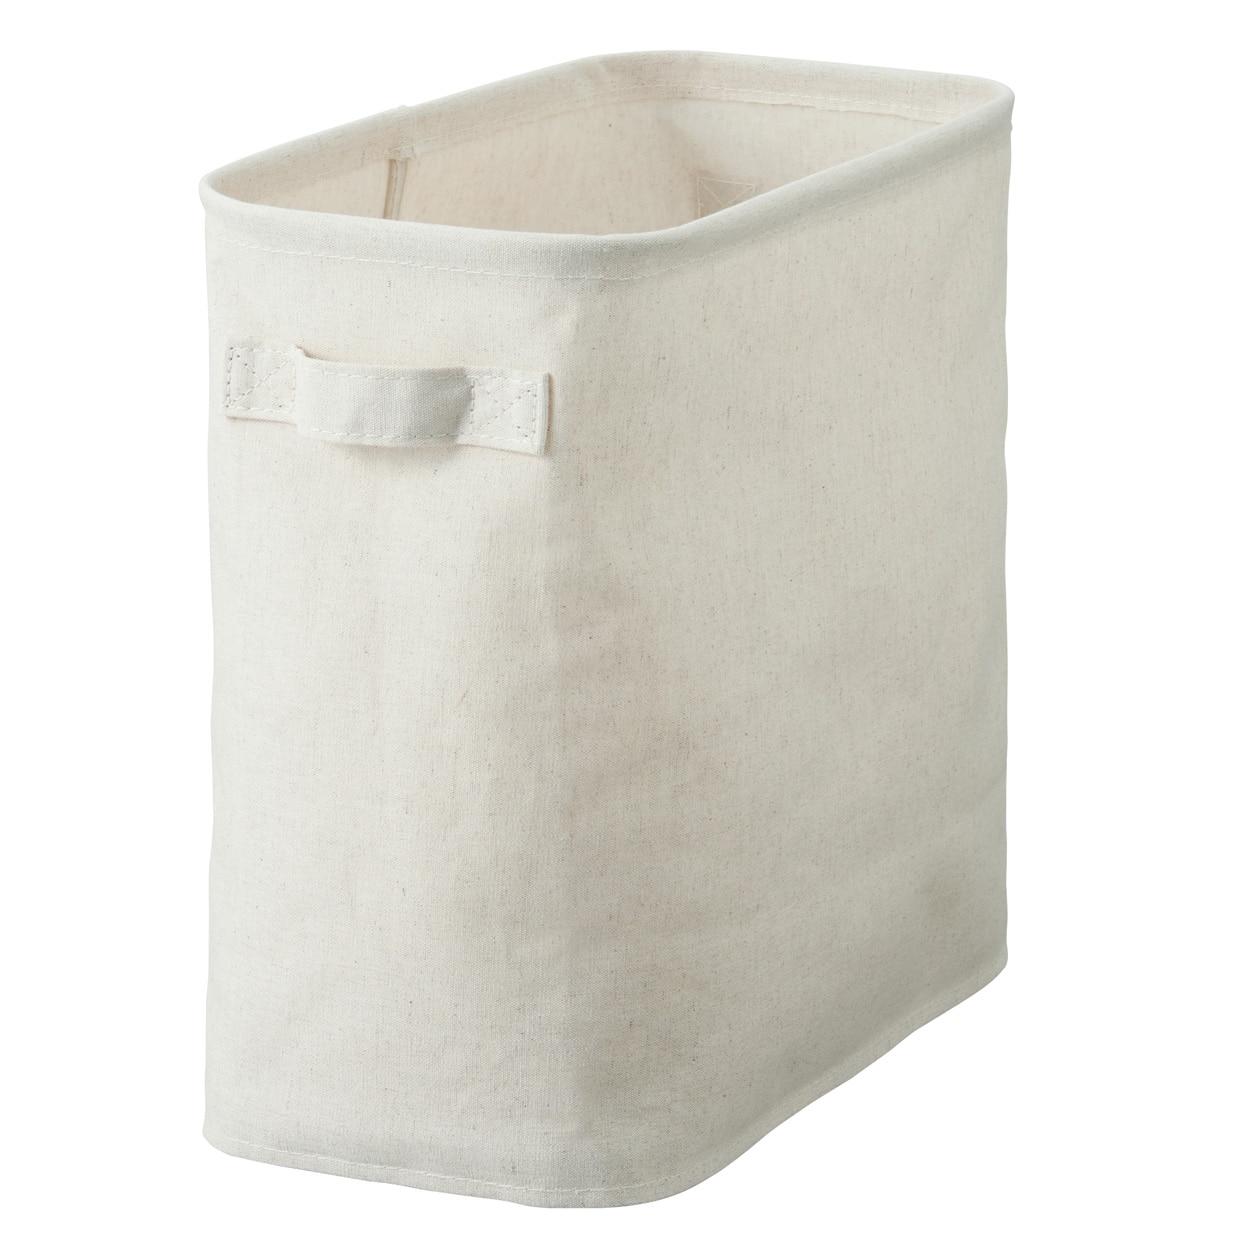 棉麻聚酯收納籃/L/半 約寬17.5×深35×高32cm | 無印良品